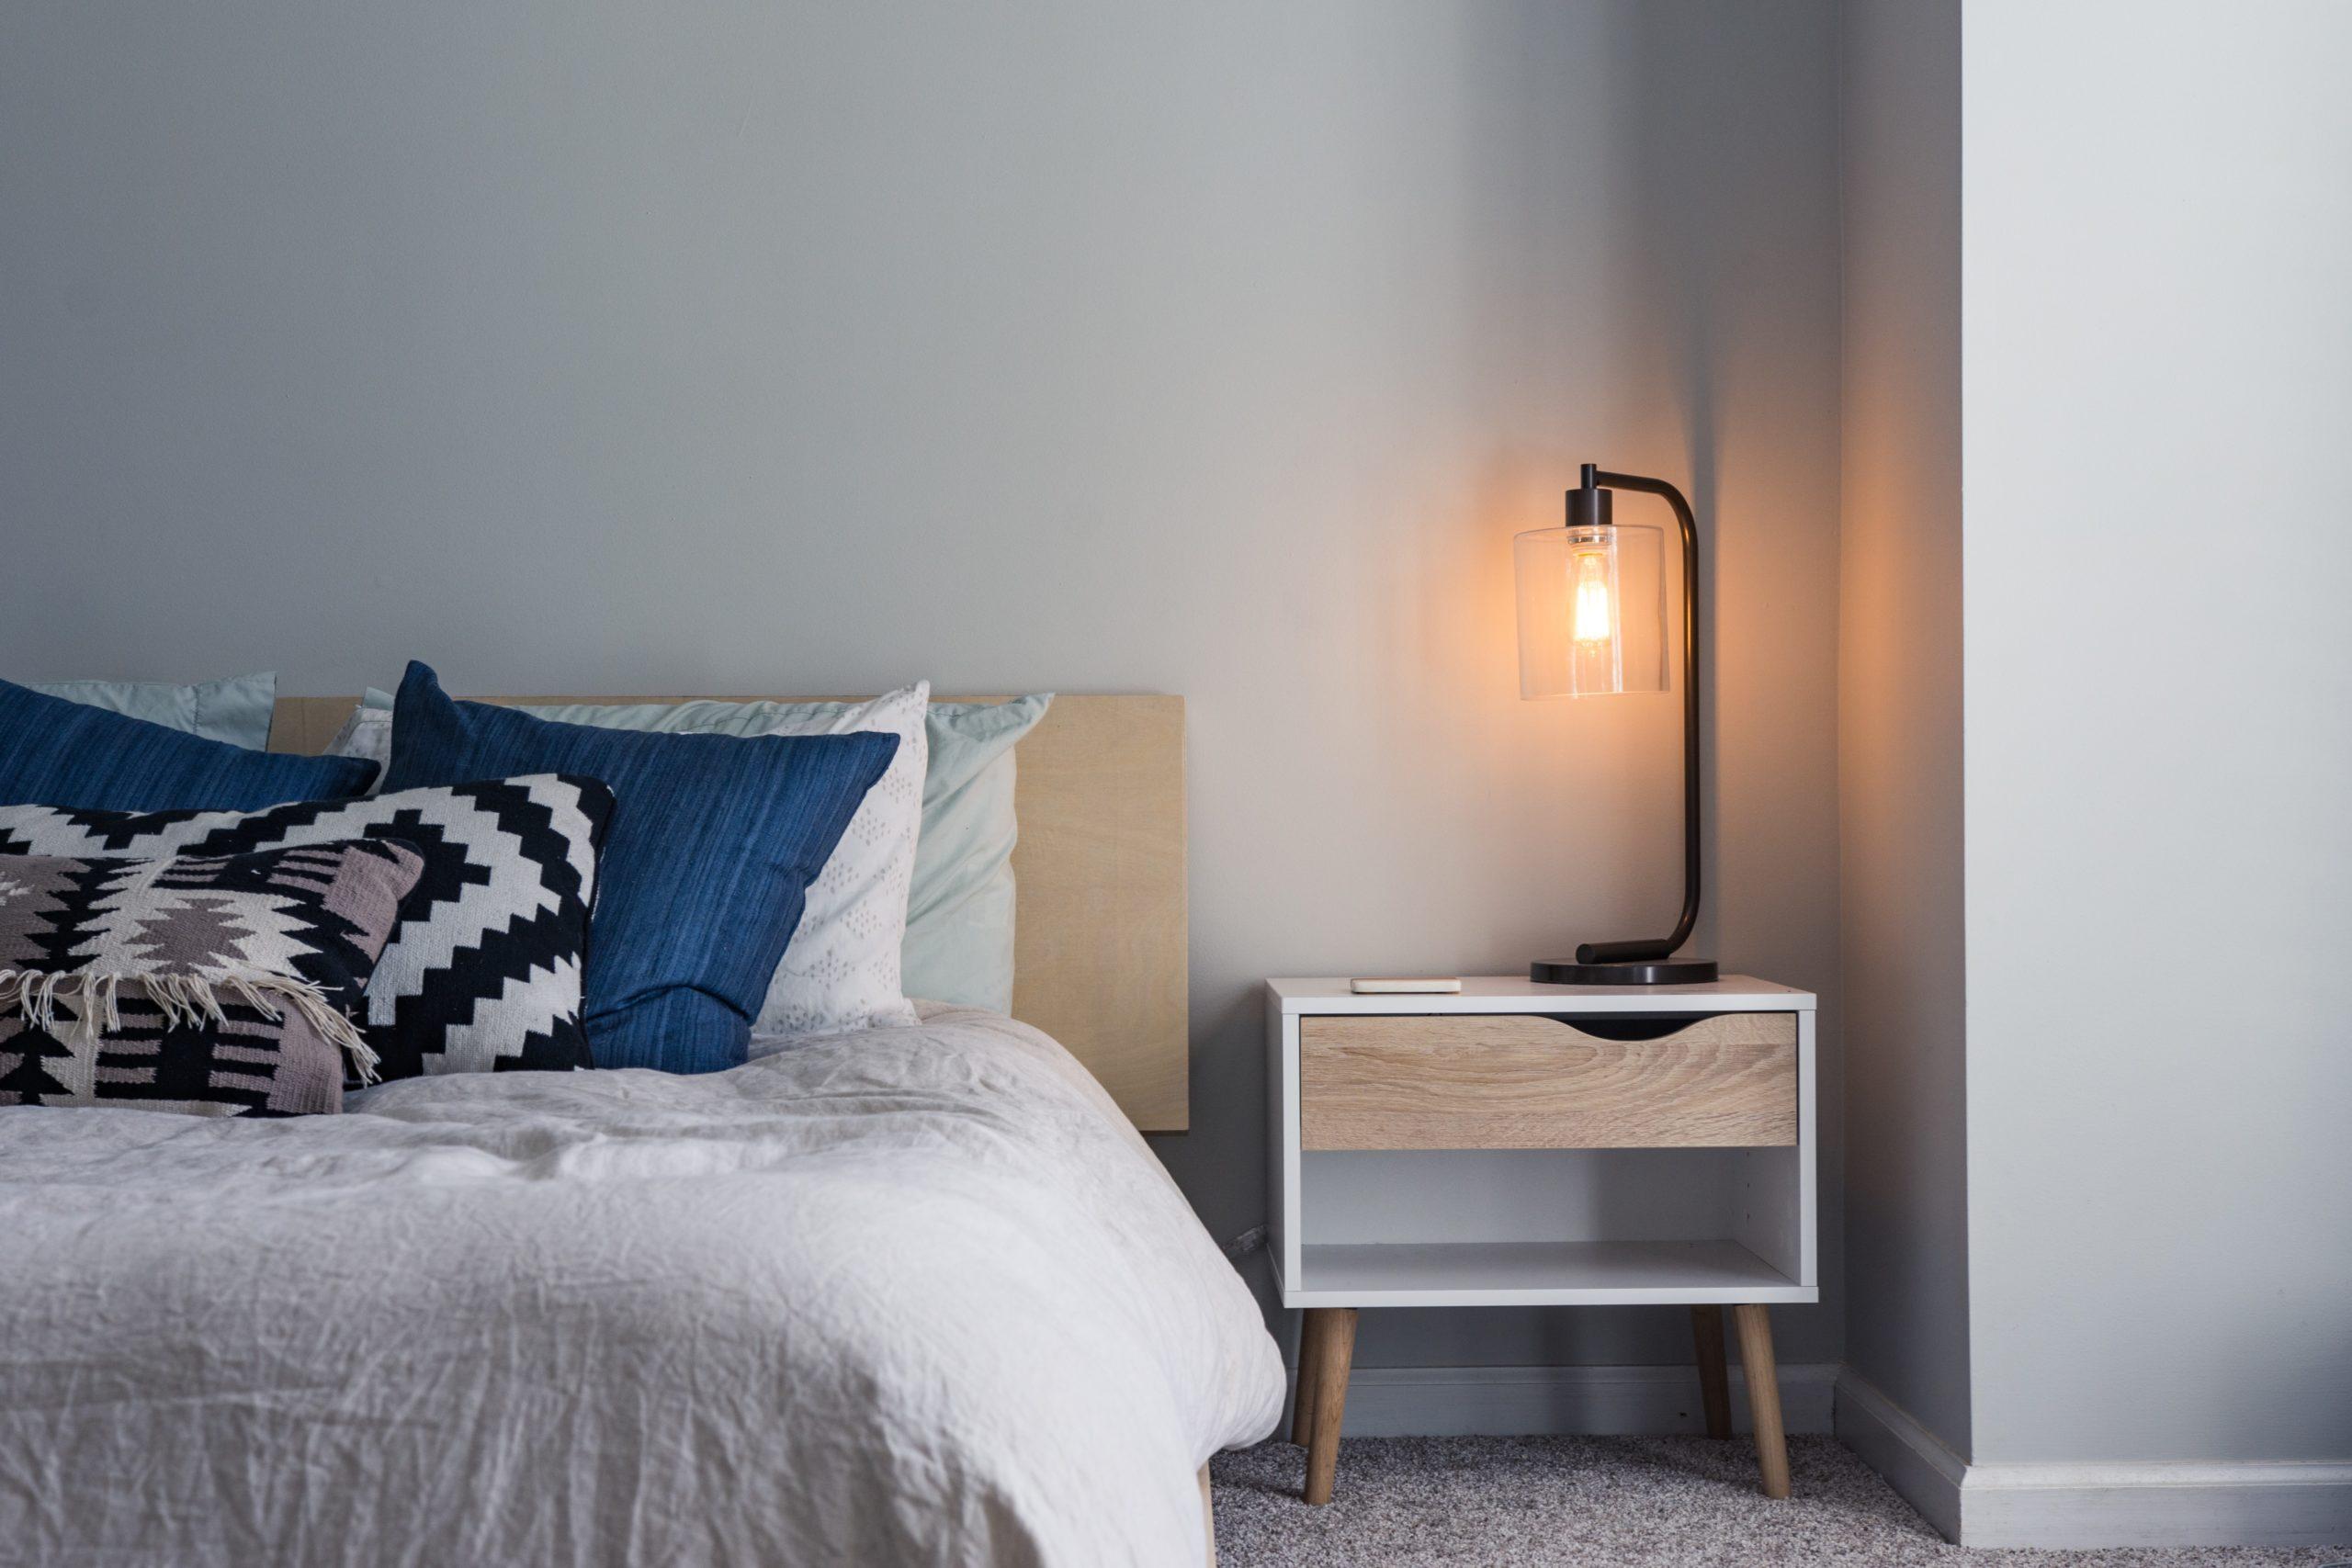 Cómo limpiar el dormitorio en 8 pasos - cama con mesita de noche